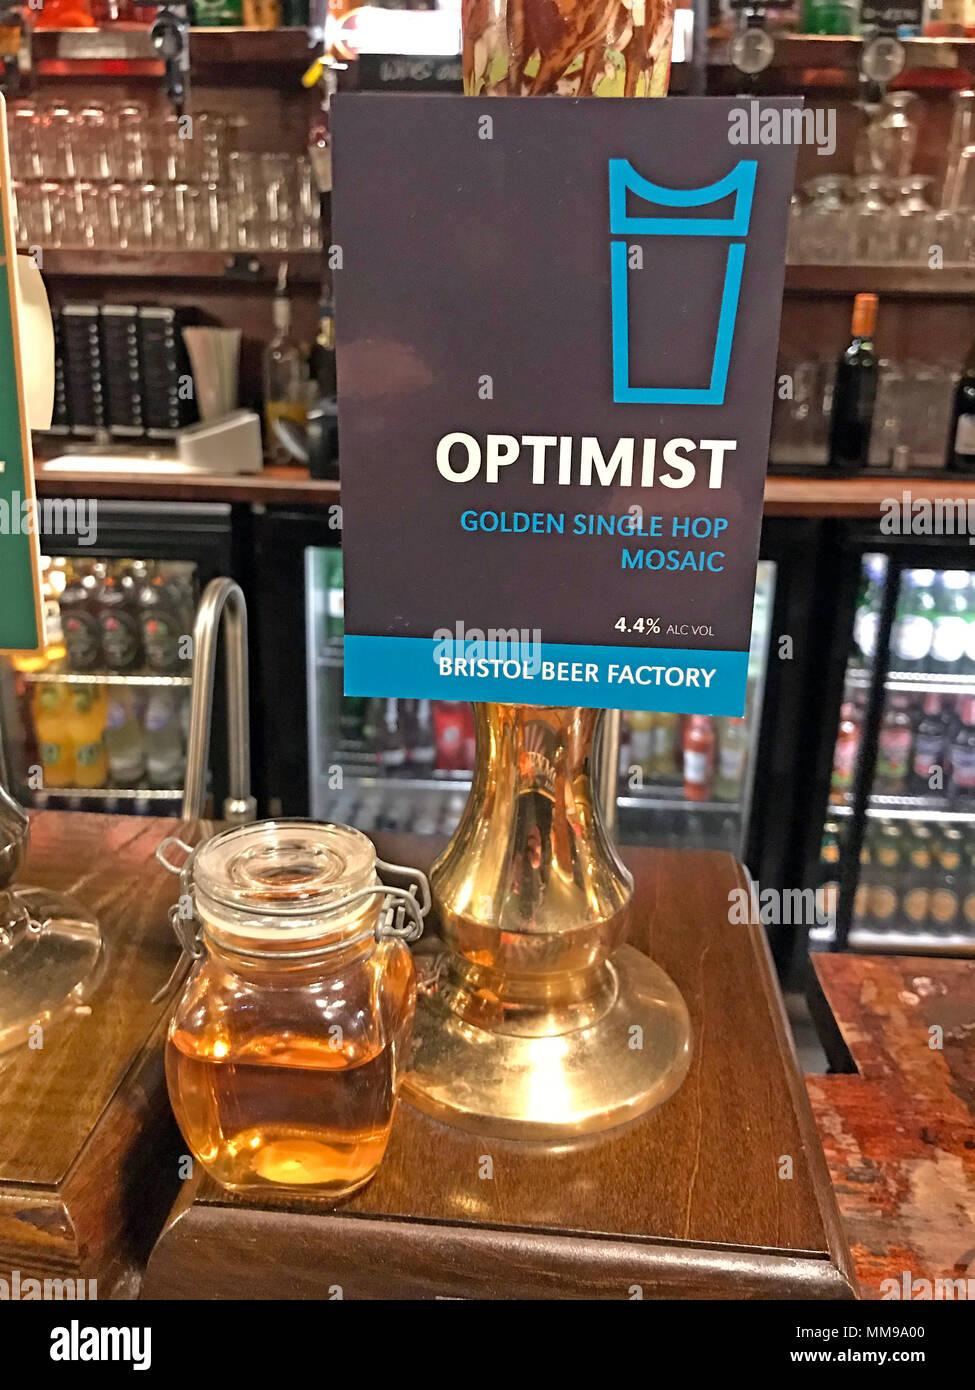 Optimist Bristol Brauerei Bier Pumpen auf eine Bar, in einem traditionellen englischen Pub, England, Großbritannien Stockbild